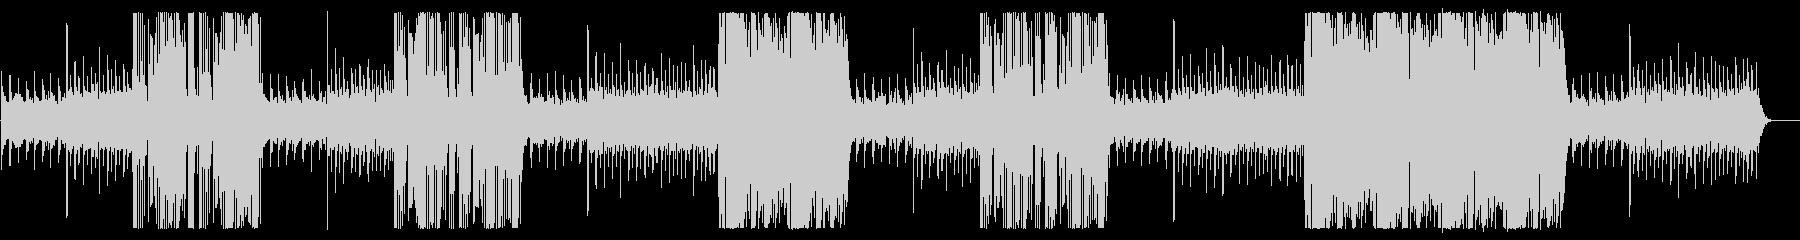 高音のキラキラした変則のチャイムの曲の未再生の波形